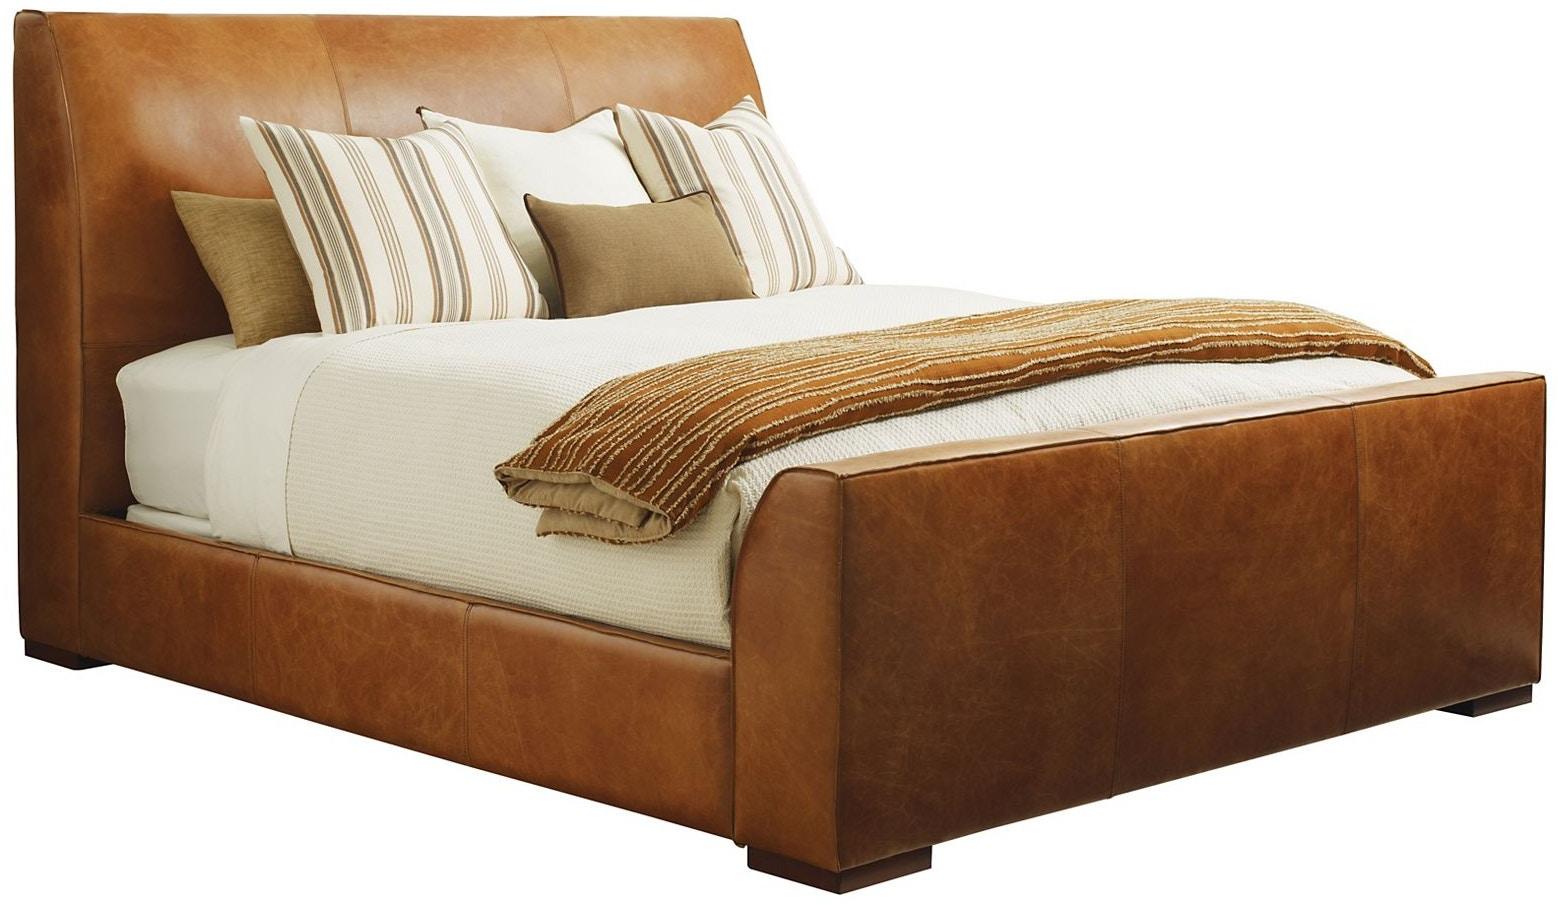 17 henredon sofa reviews furniture store atlanta ga images for Bedroom furniture 30324